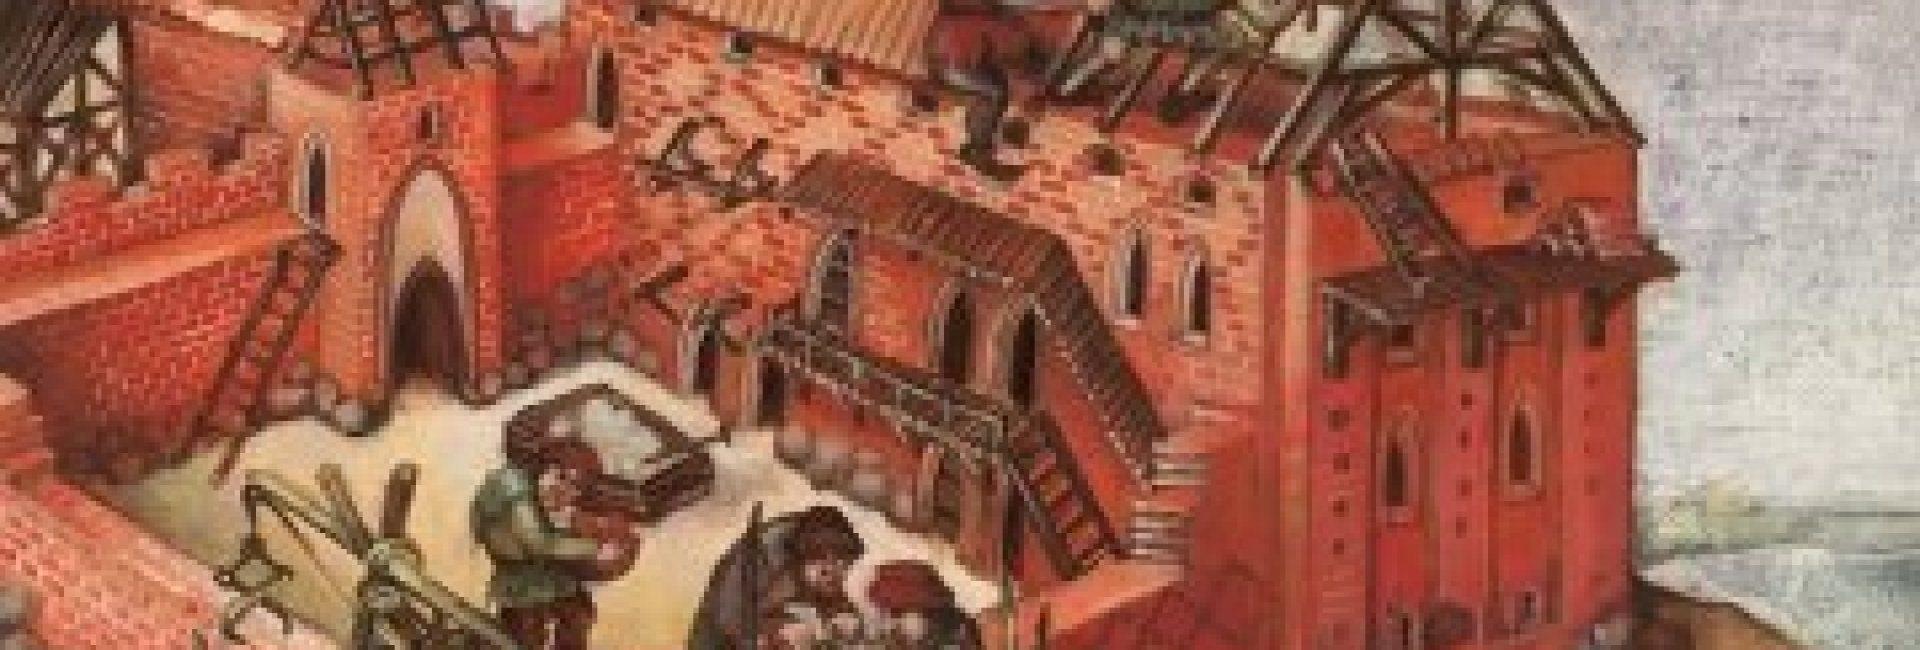 Zamki Państwa Krzyżackiego w Prusach